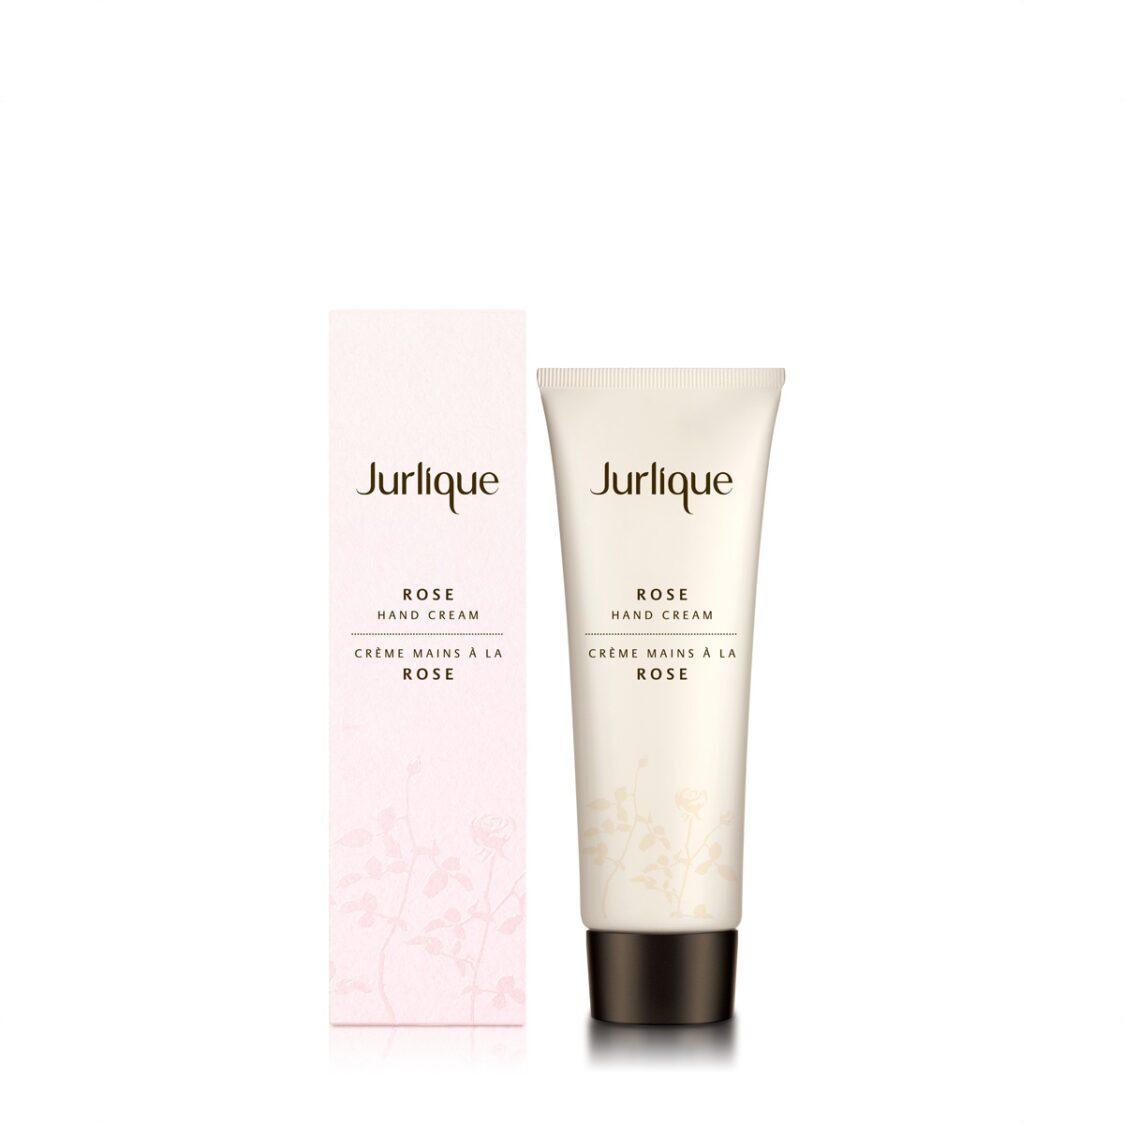 Jurlique Rose Hand Cream 125ml